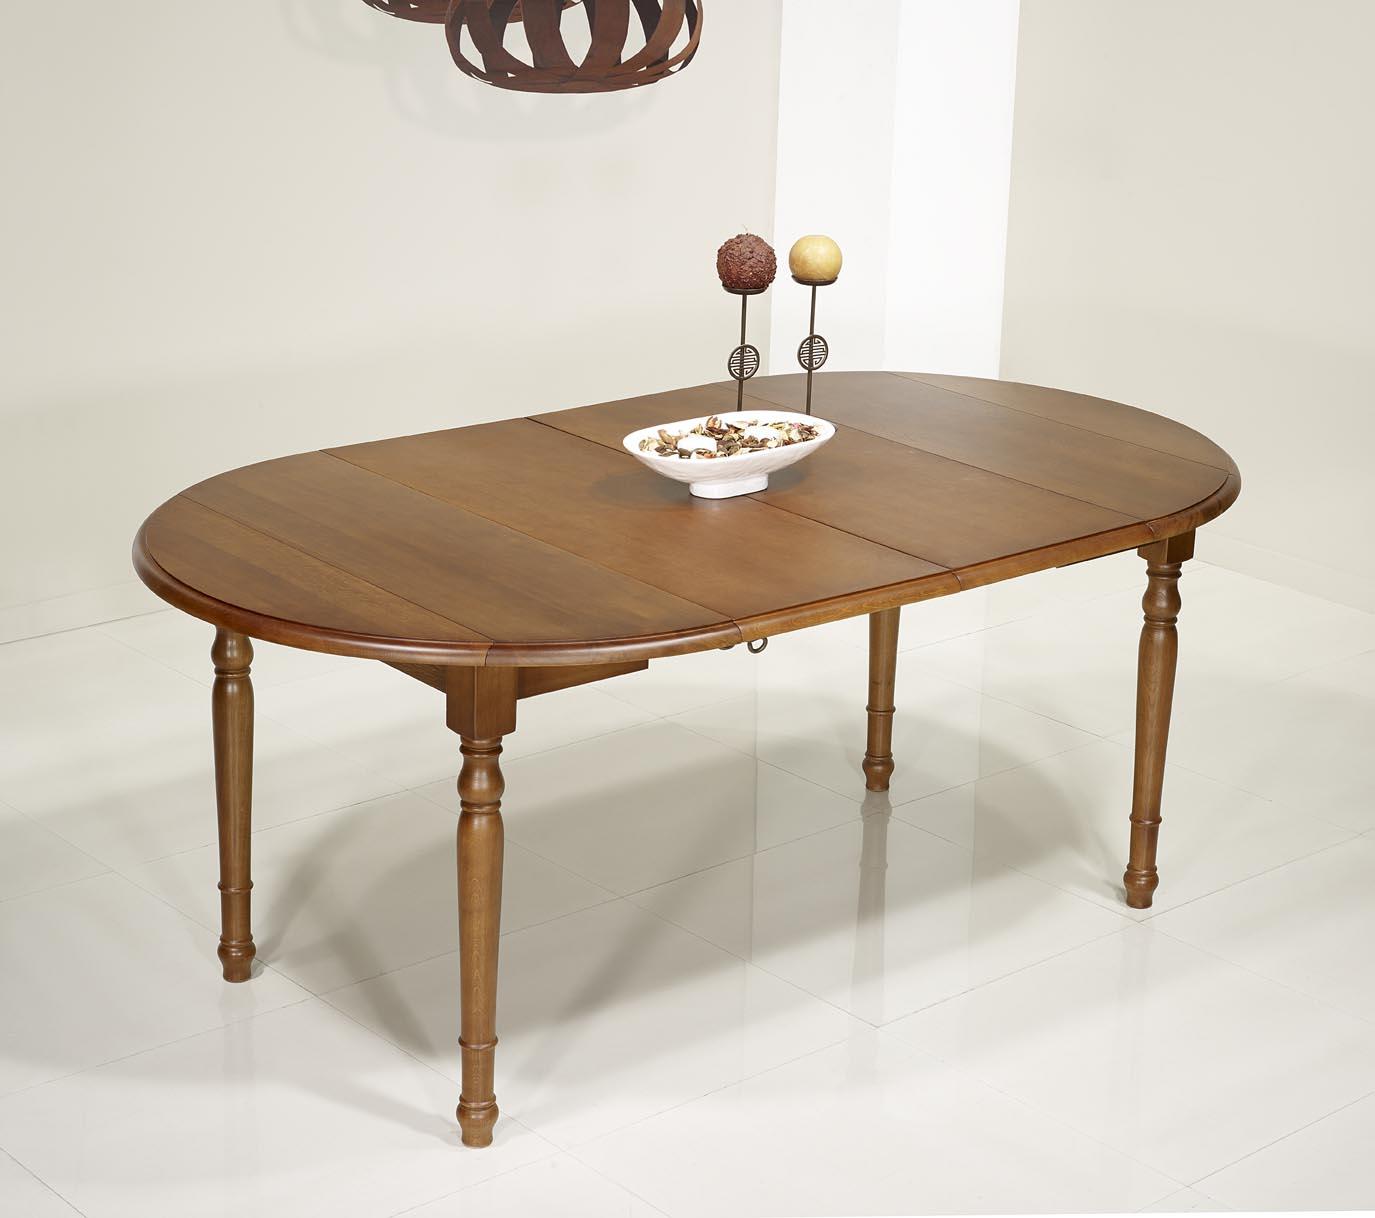 table ronde volets en ch ne massif de style louis philippe diametre 120 avec 2 allonges de 40. Black Bedroom Furniture Sets. Home Design Ideas